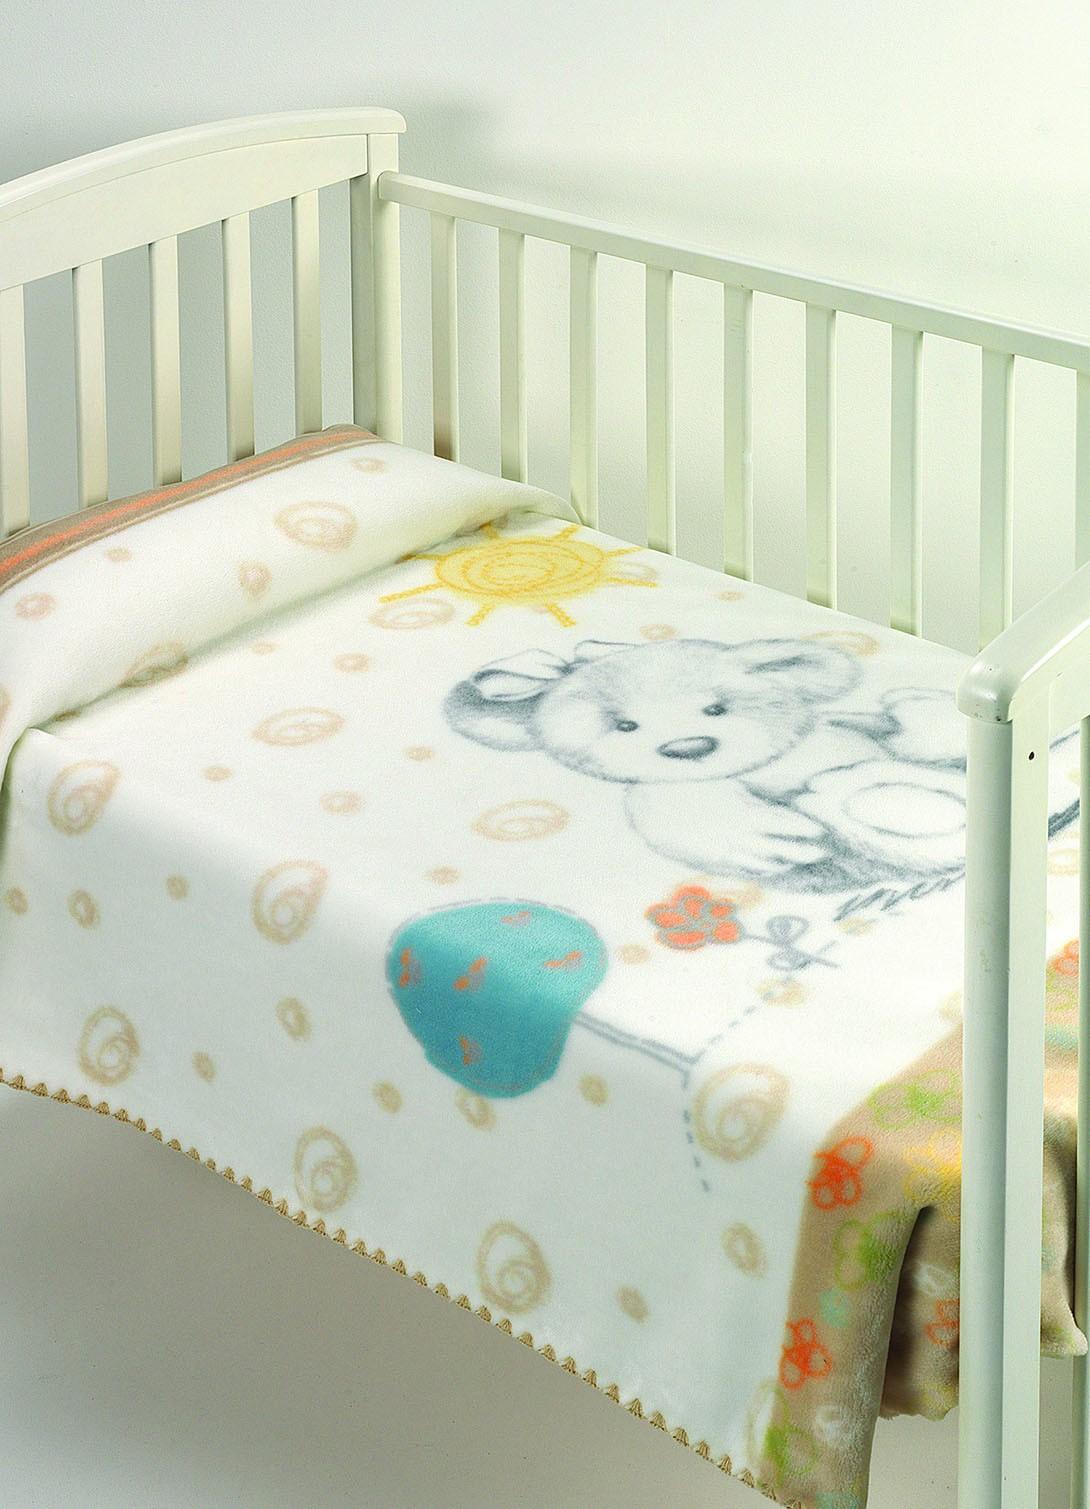 Κουβέρτα Βελουτέ Κούνιας Morven Harmony A14 Μπεζ